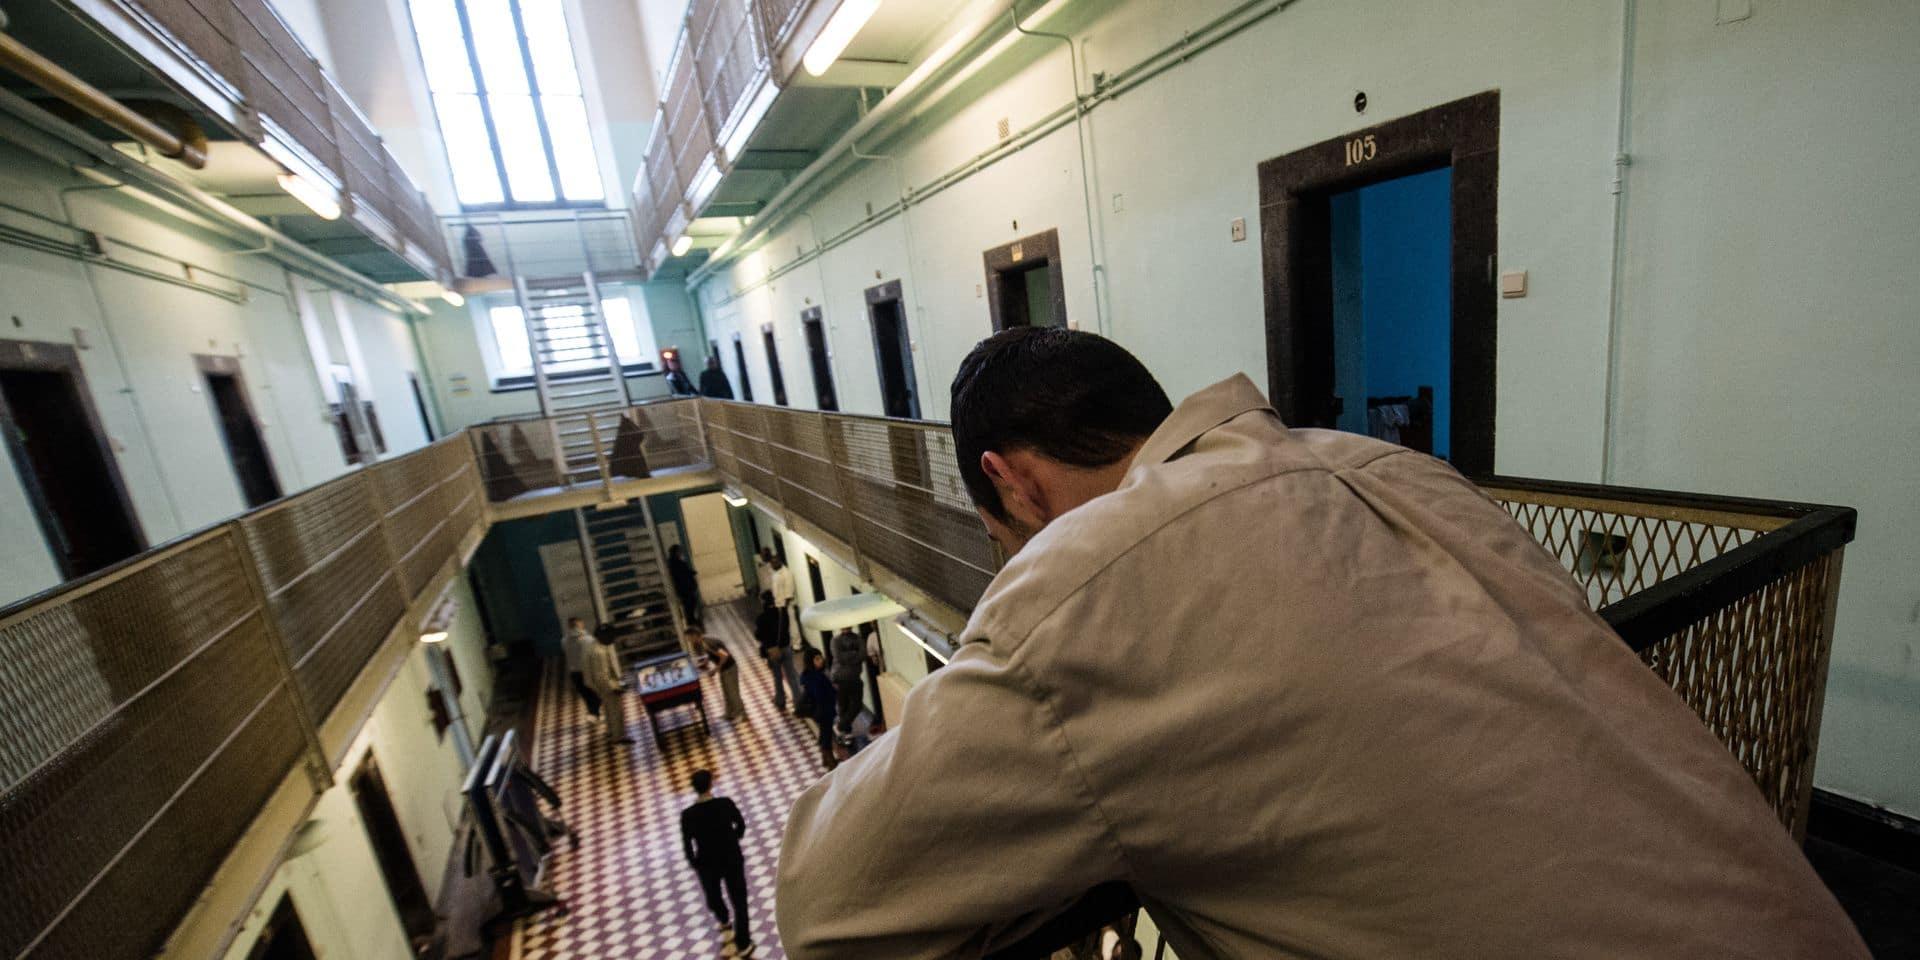 Les visites des enfants de détenus à nouveau autorisées à partir de lundi